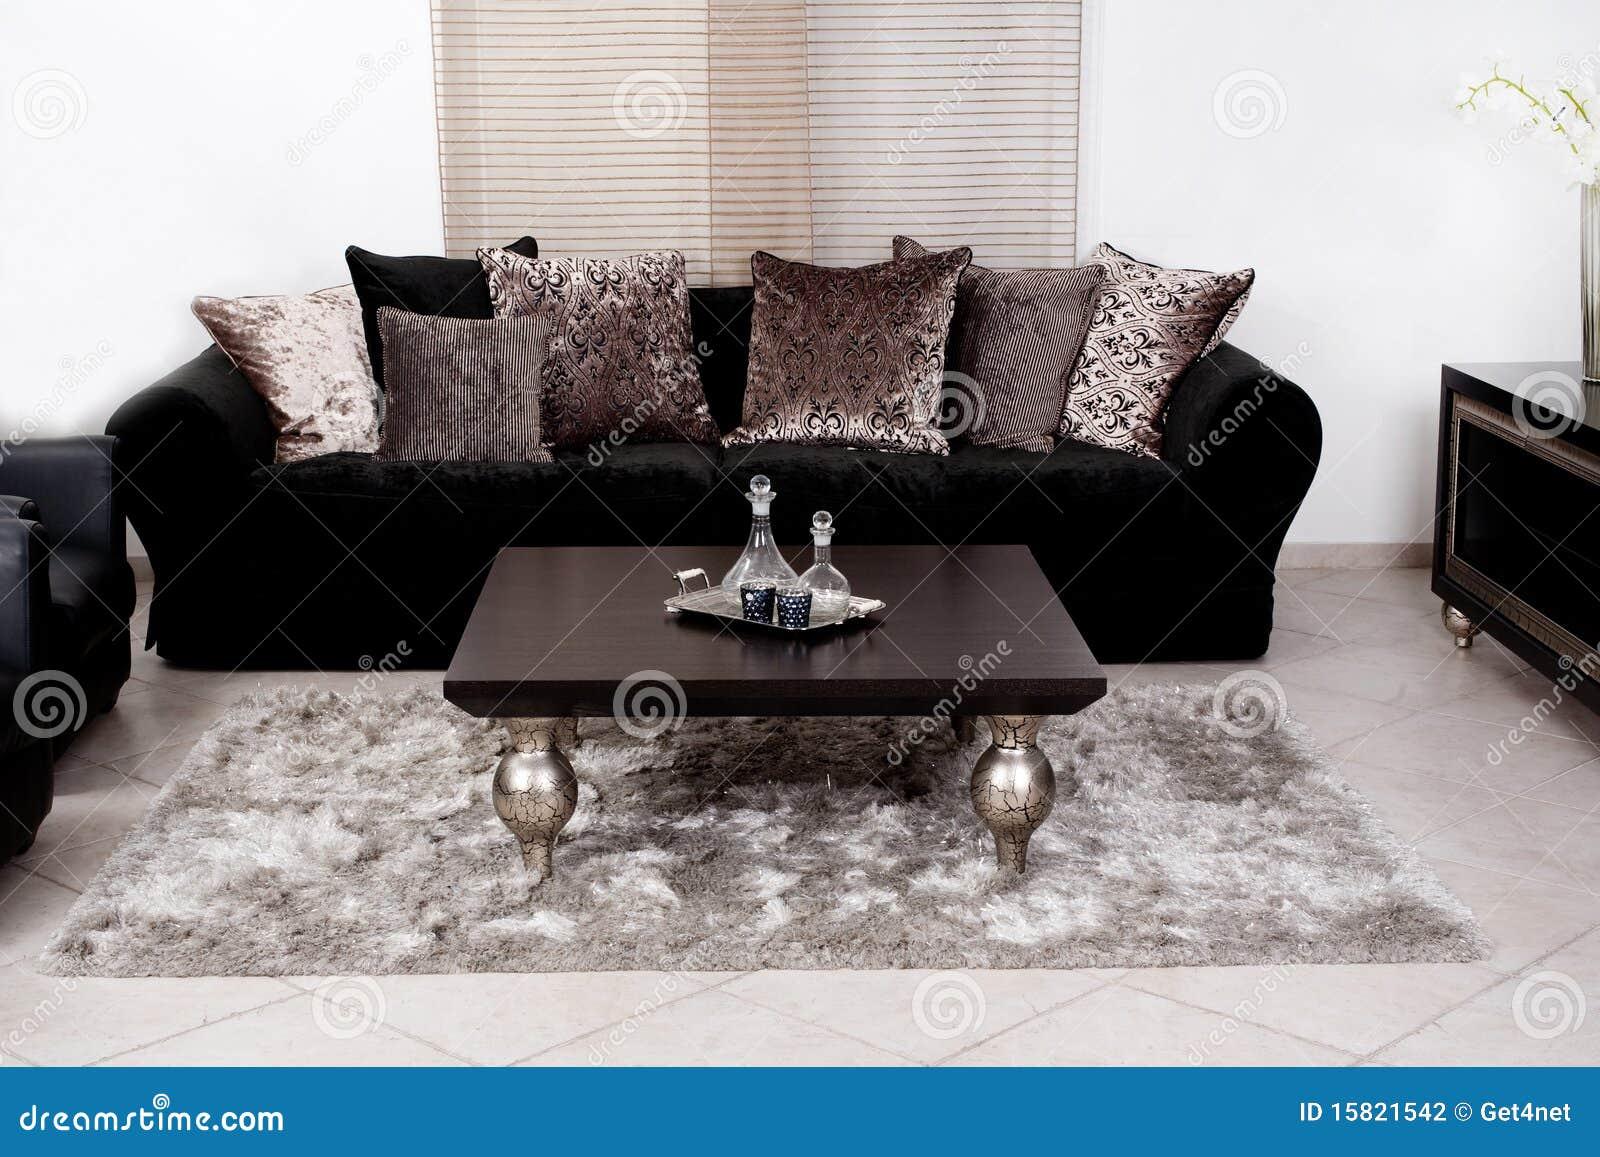 #82A328 Fotografia de Stock: Sofá colorido preto moderno da tela 1300x957 píxeis em Decoração De Sala Pequena Com Sofá Preto